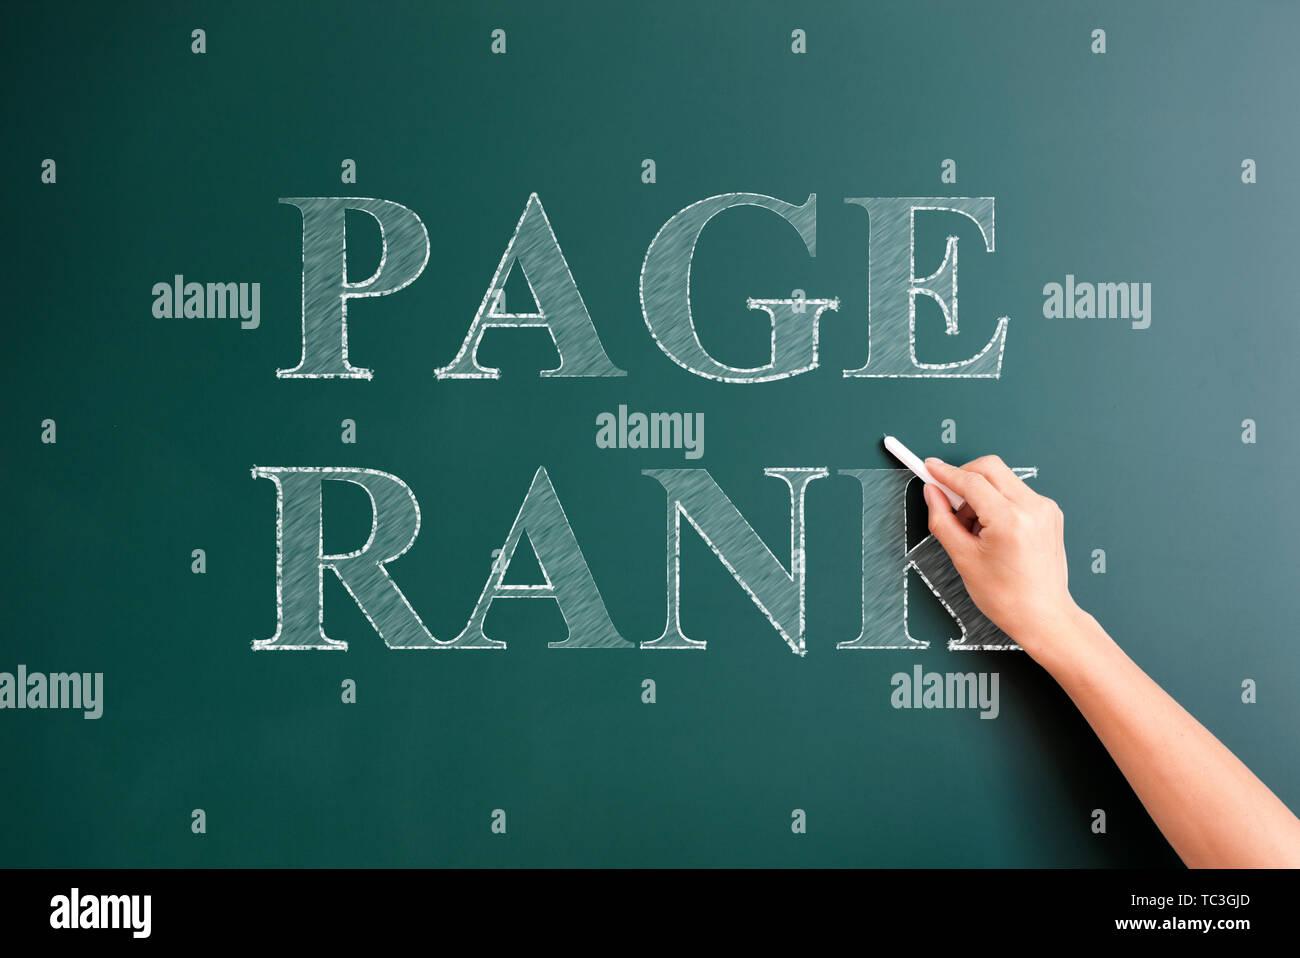 page rank written on blackboard - Stock Image